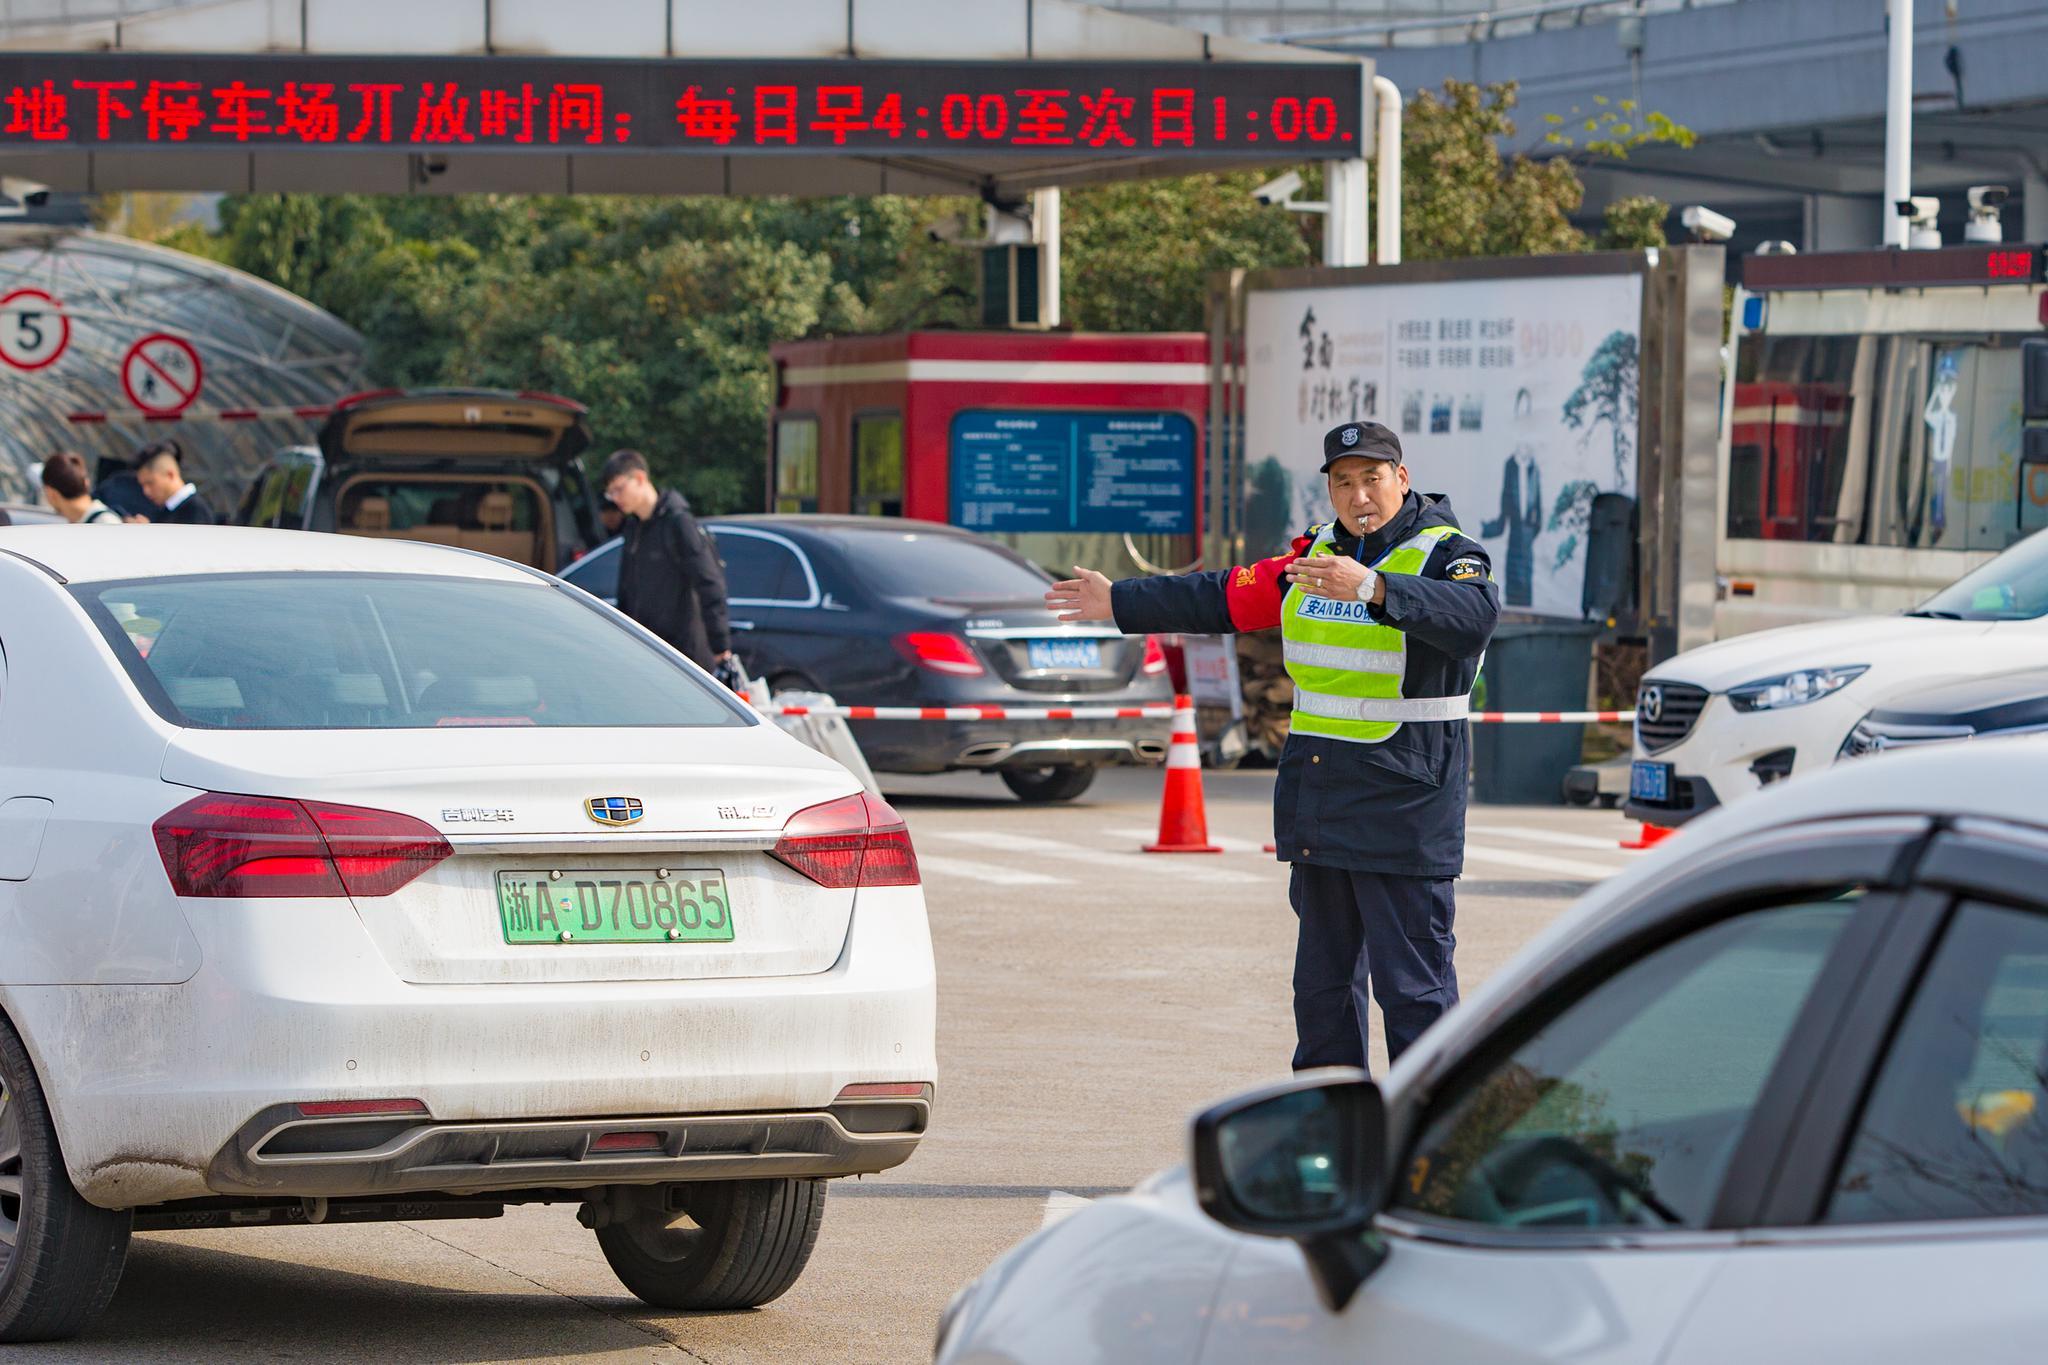 机场工作人员正在积极引导车辆有序同行 朱建美 摄